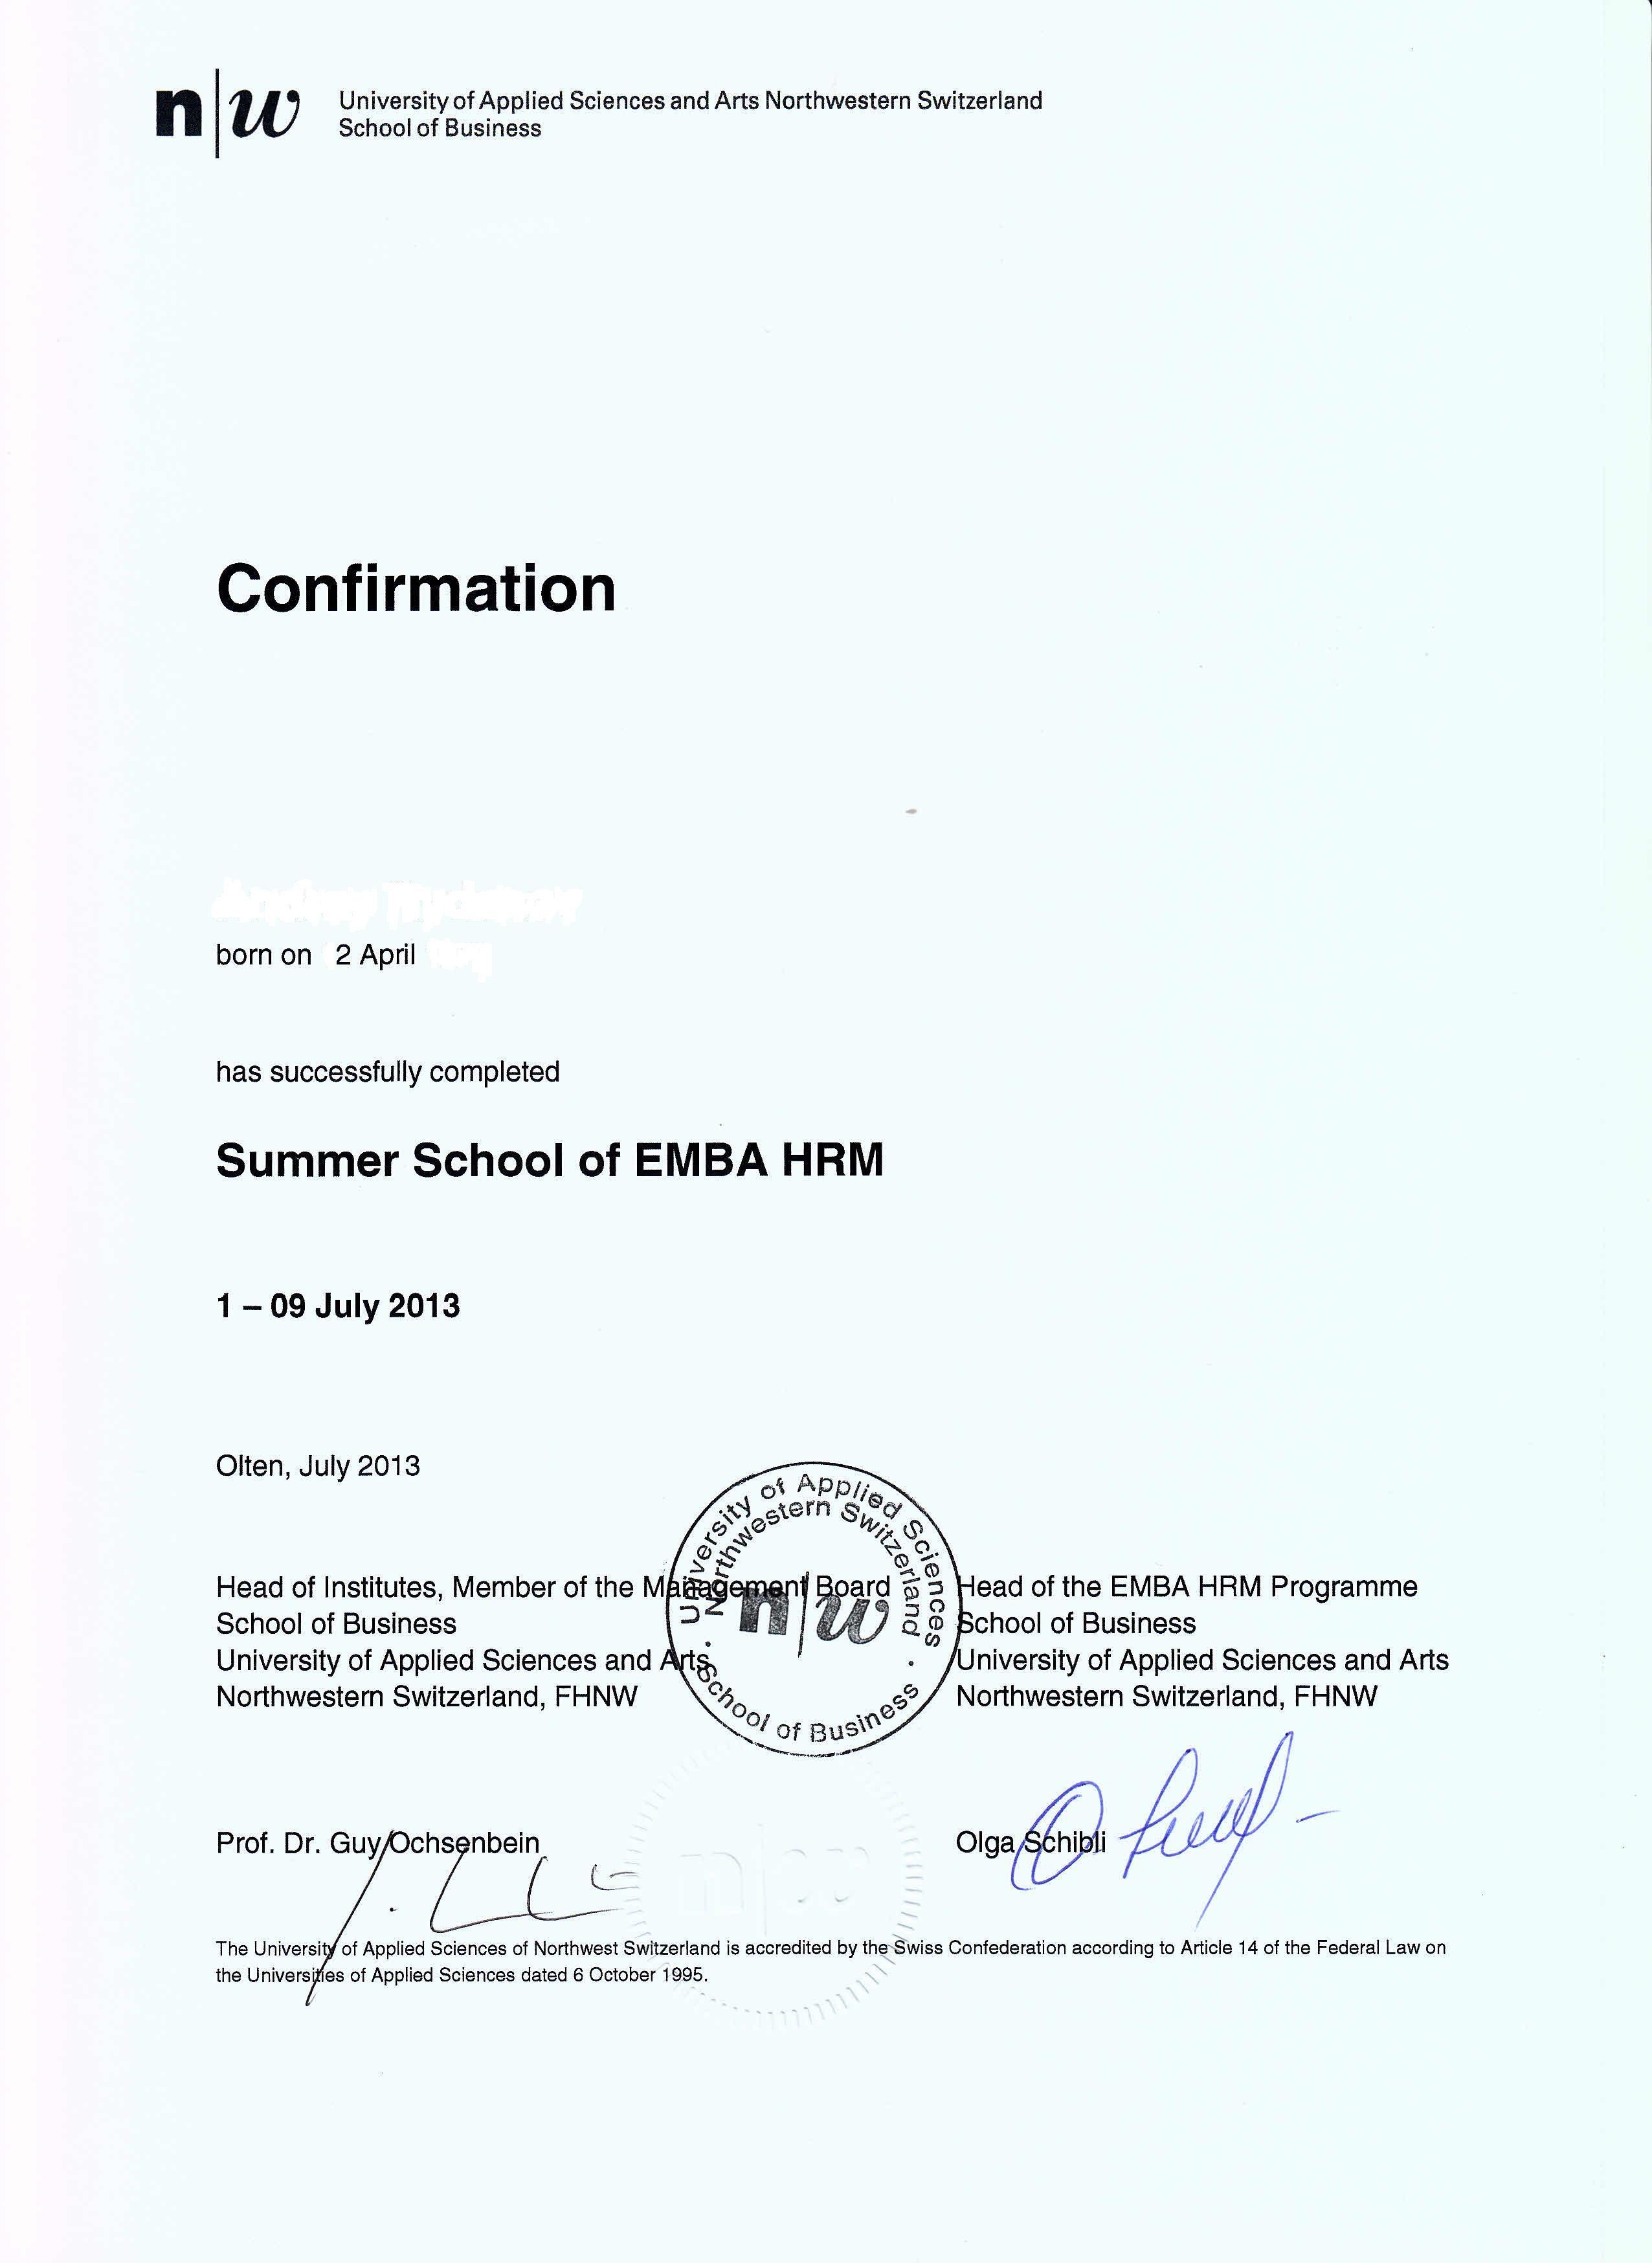 Комплекс лидерских программ Сертификат Школы бизнеса Университета прикладных наук Северо Западной Швейцарии jpg